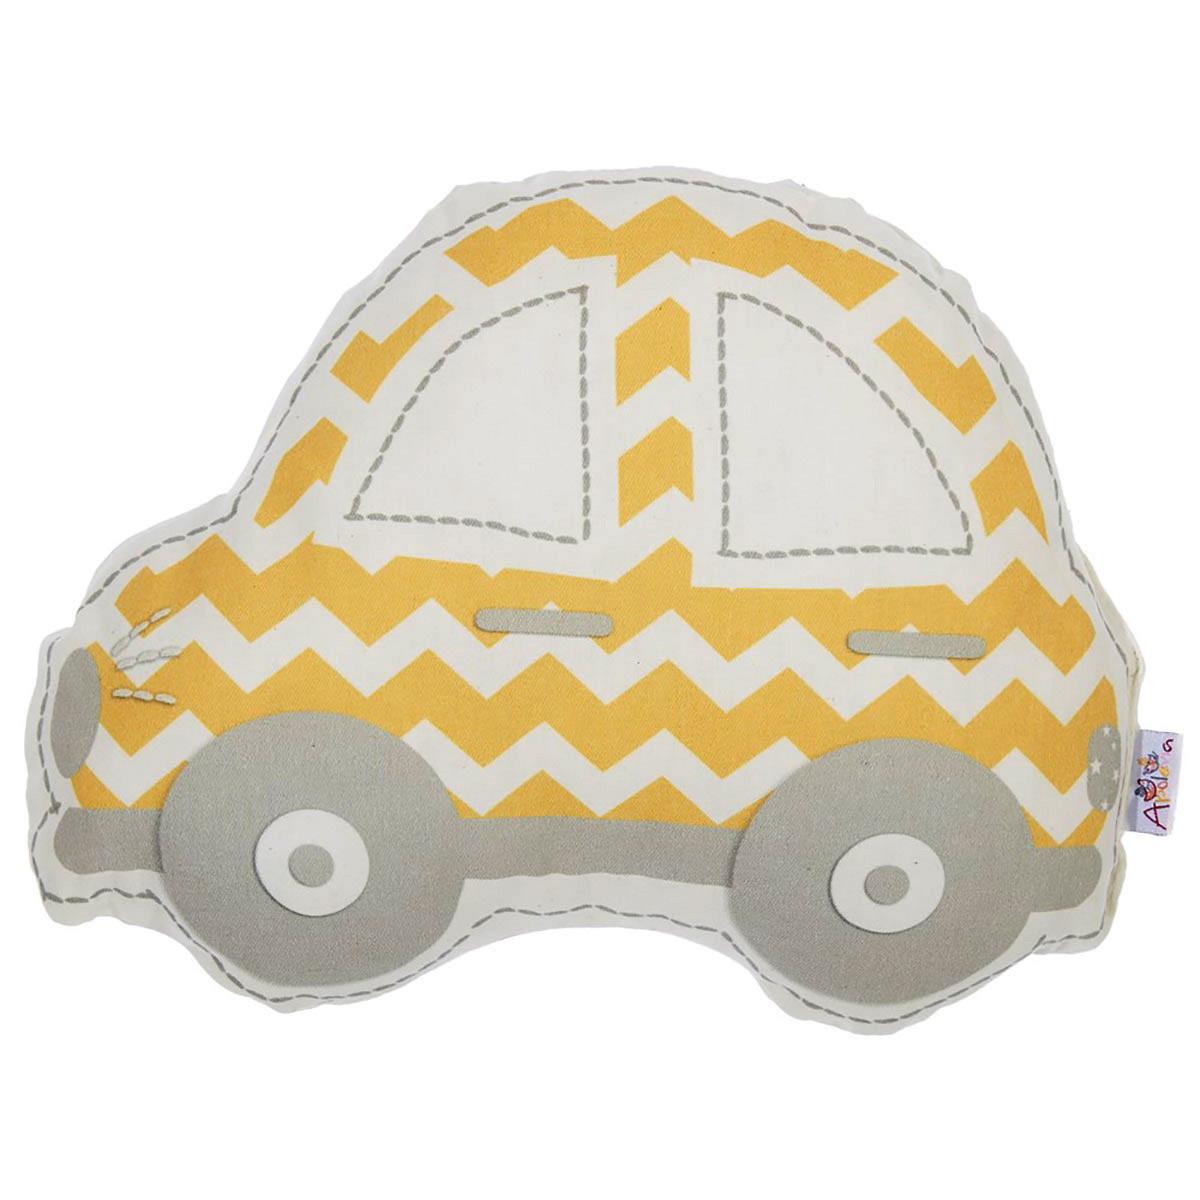 Διακοσμητικό Μαξιλάρι Apolena Αυτοκίνητο Κίτρινο